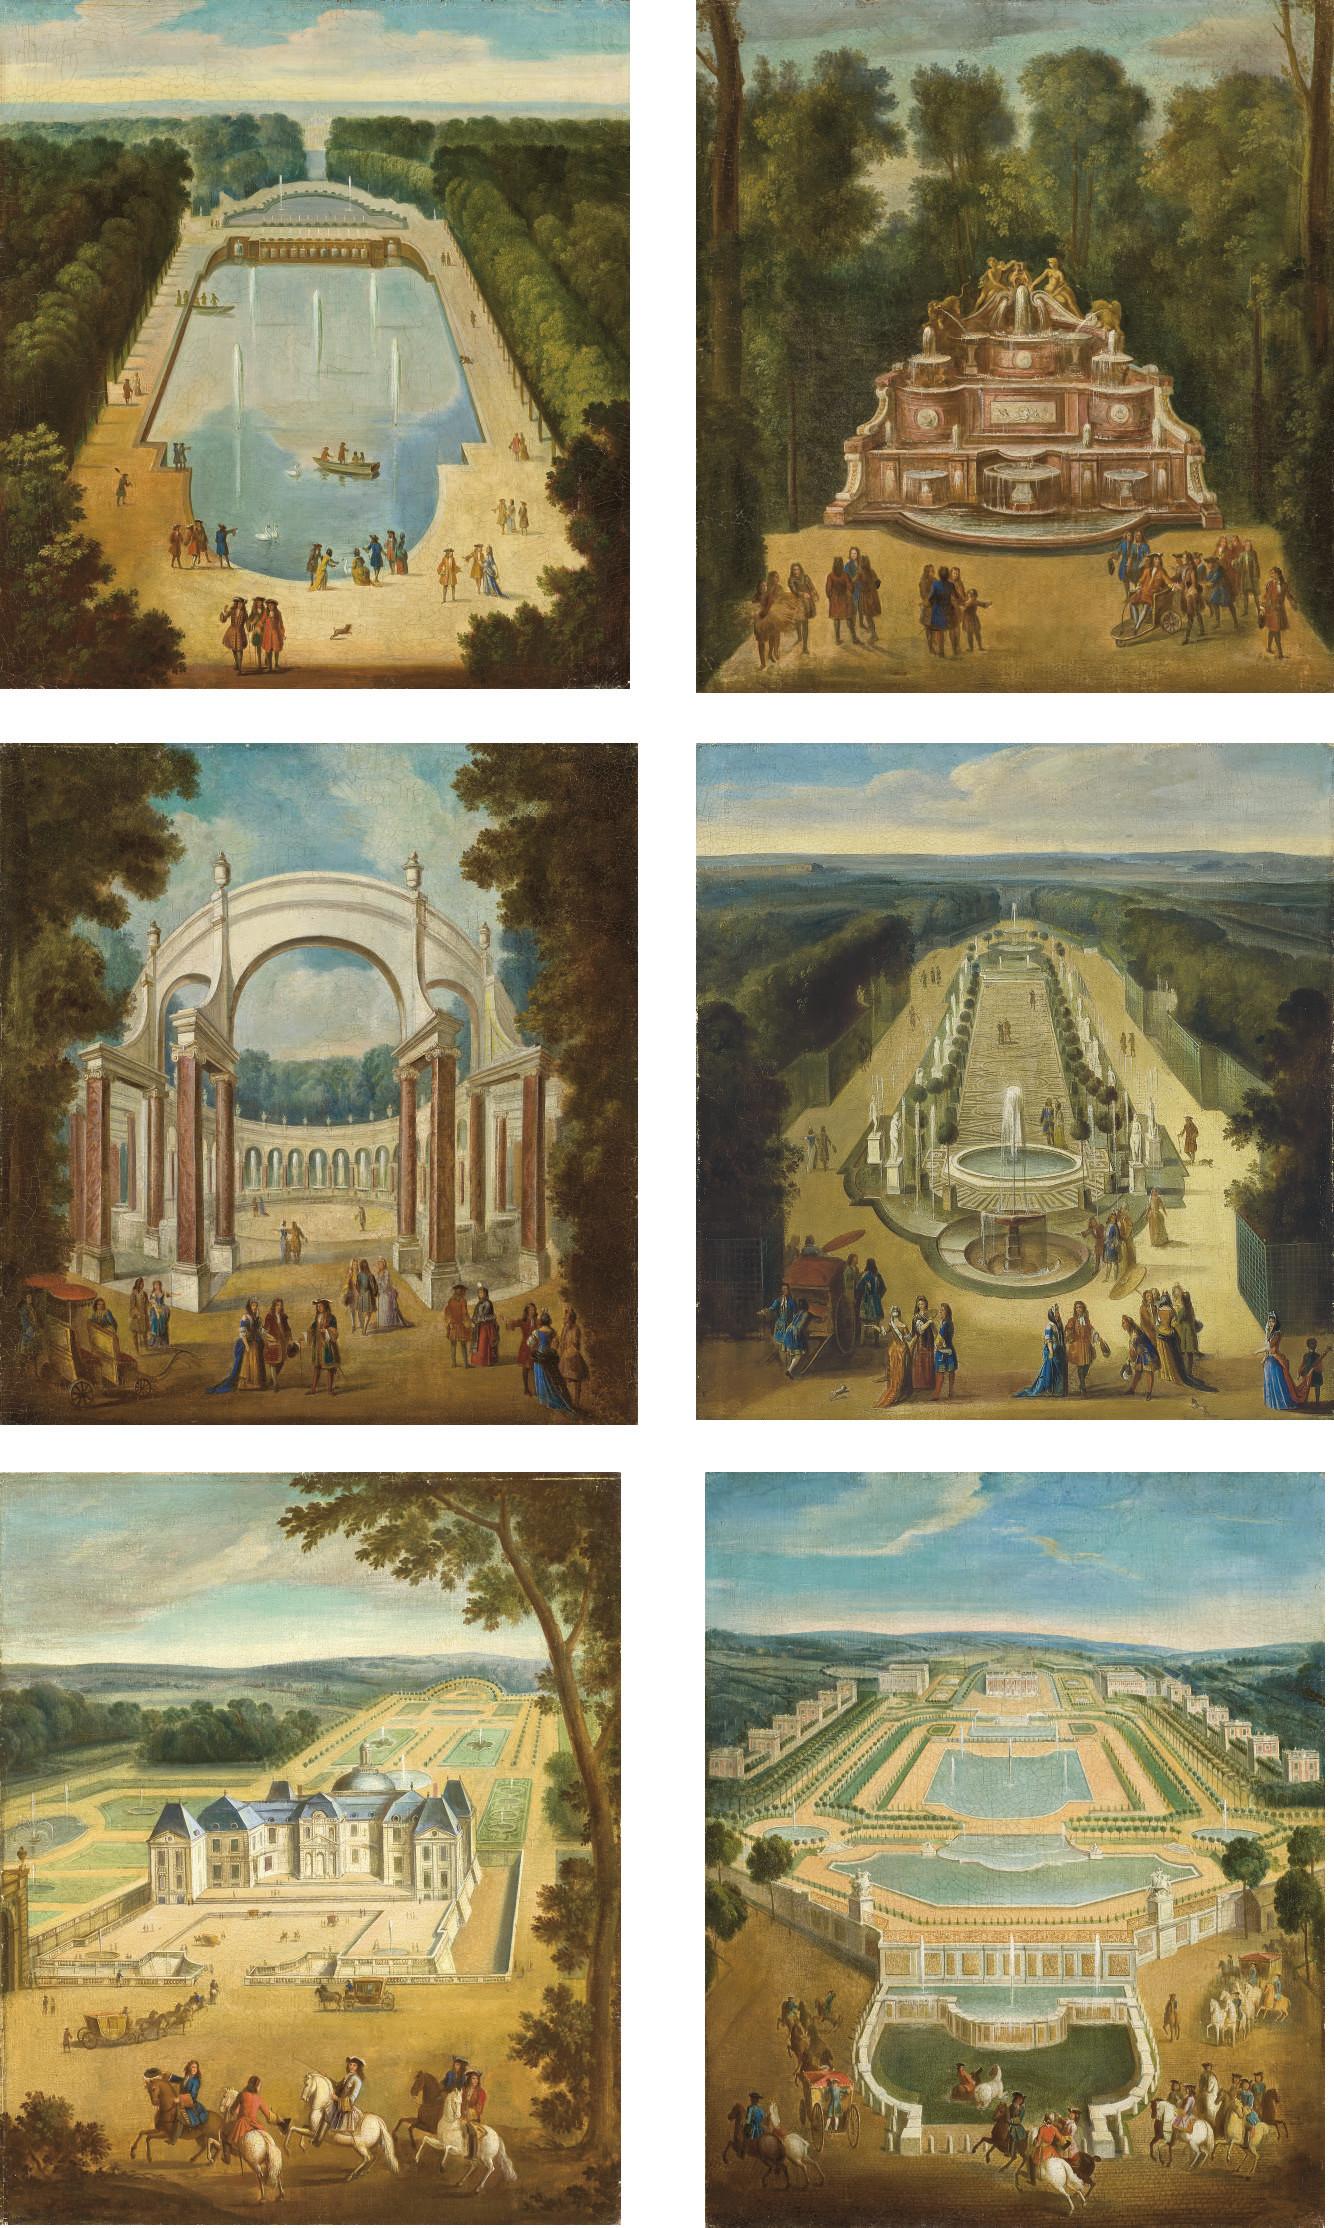 L'Ile Royale dans le parc du château de Versailles ; Vue de la cascade, ou buffet, dans les jardins de Trianon ; La colonnade de Versailles ; Vue du bosquet de la galerie des antiques à Versailles ; Vue du château de Vaux-le-Vicomte ; Vue du château de Marly